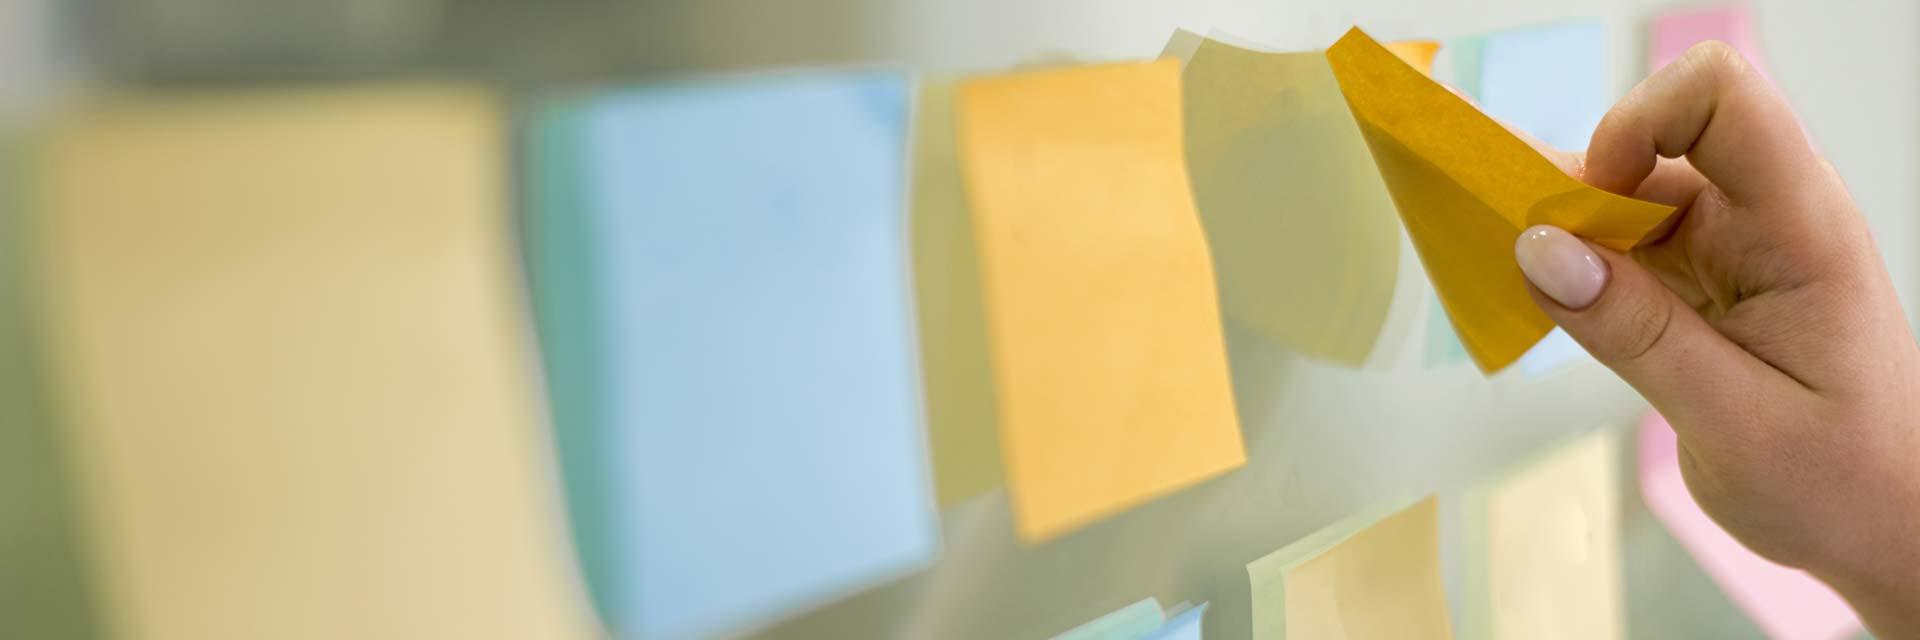 Metod för coachning illustrerat av olikfärgade notislappar på vägg